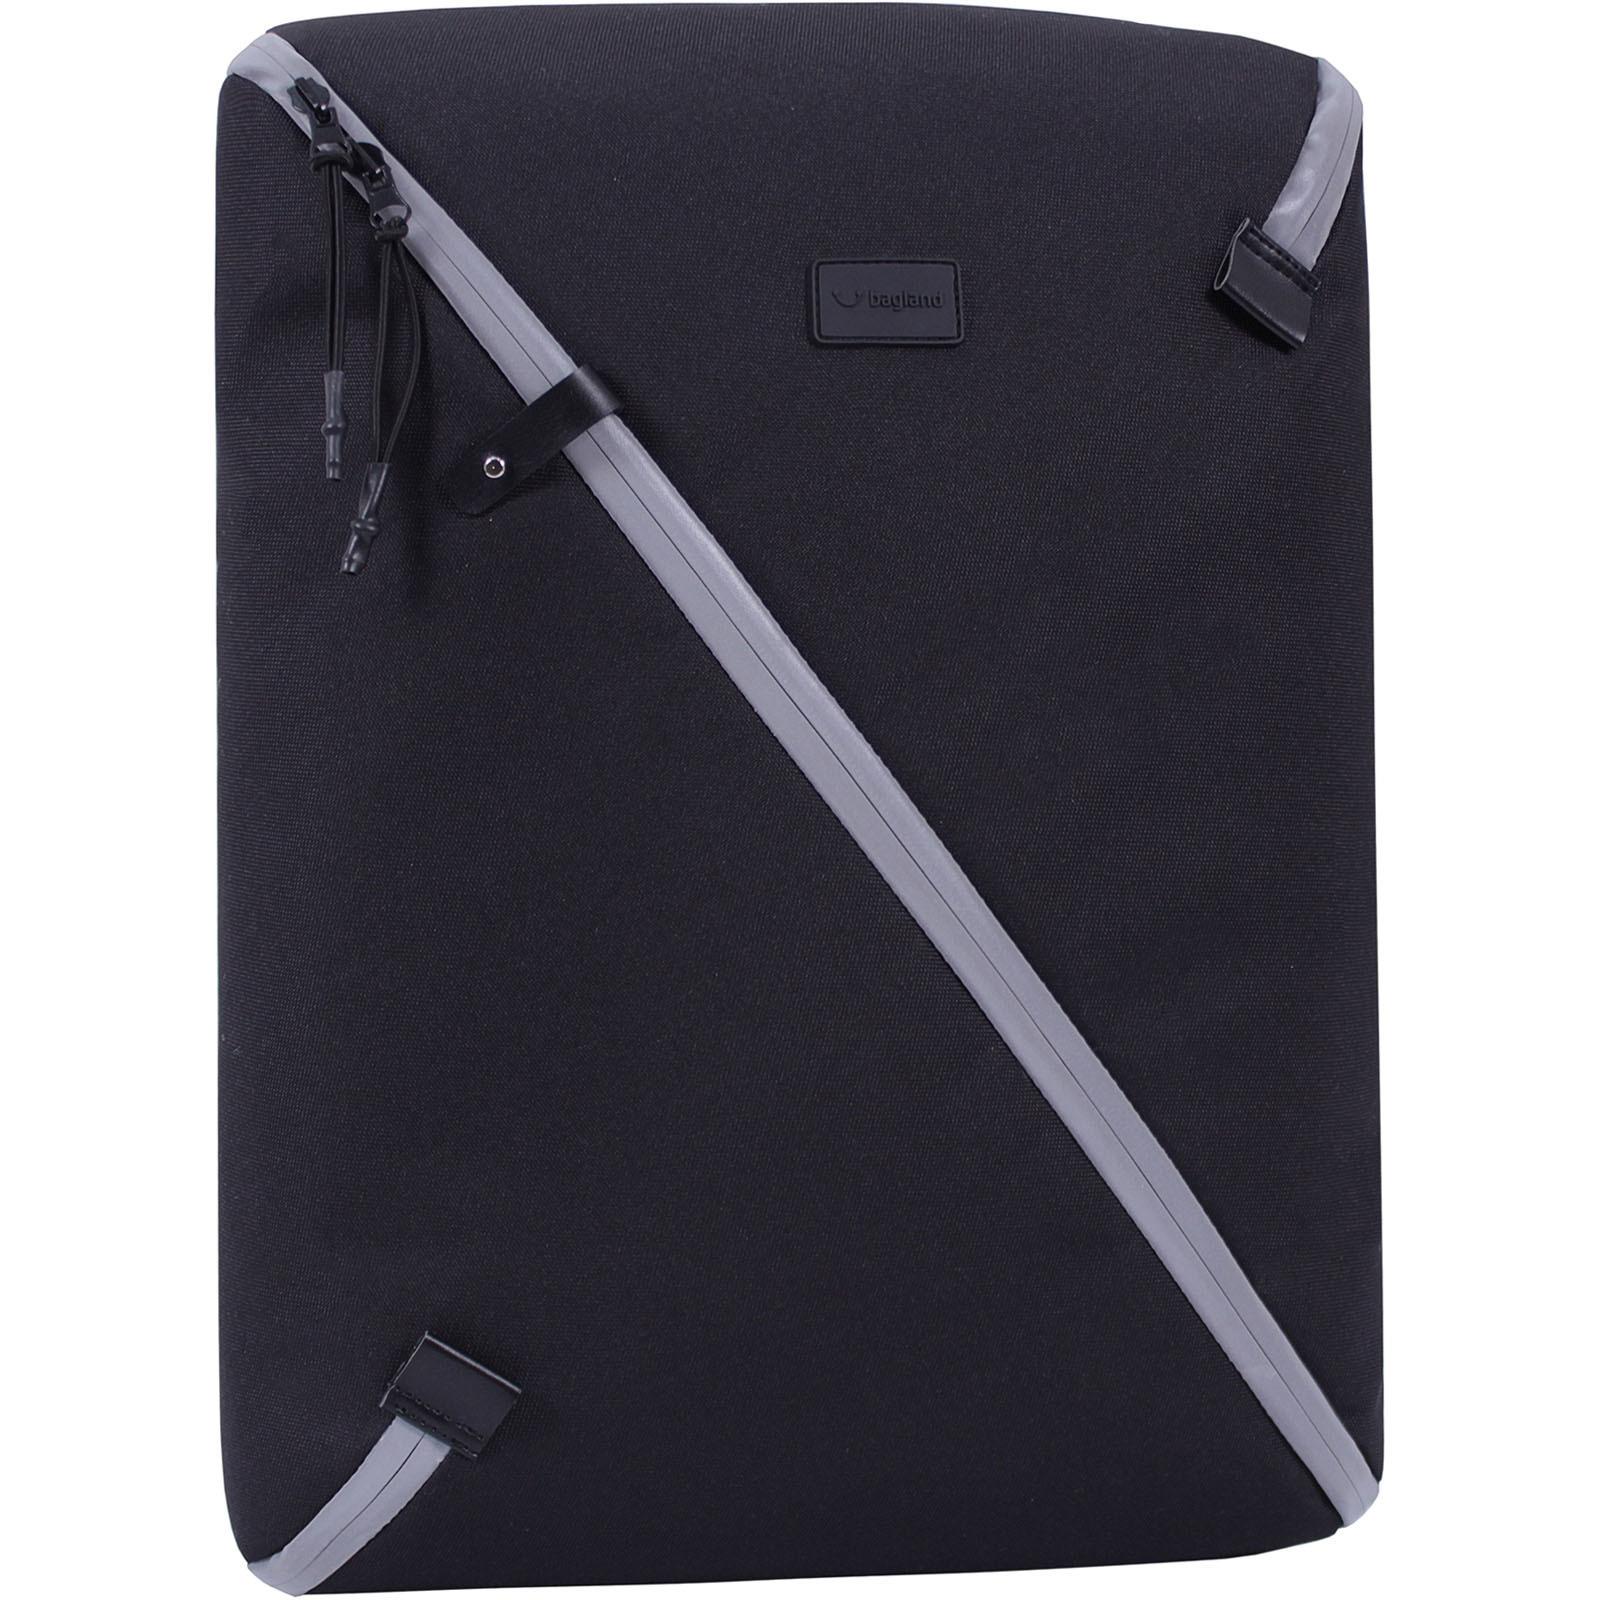 Городские рюкзаки Рюкзак Bagland Litter 16 л. черный (0019566) IMG_9552.JPG